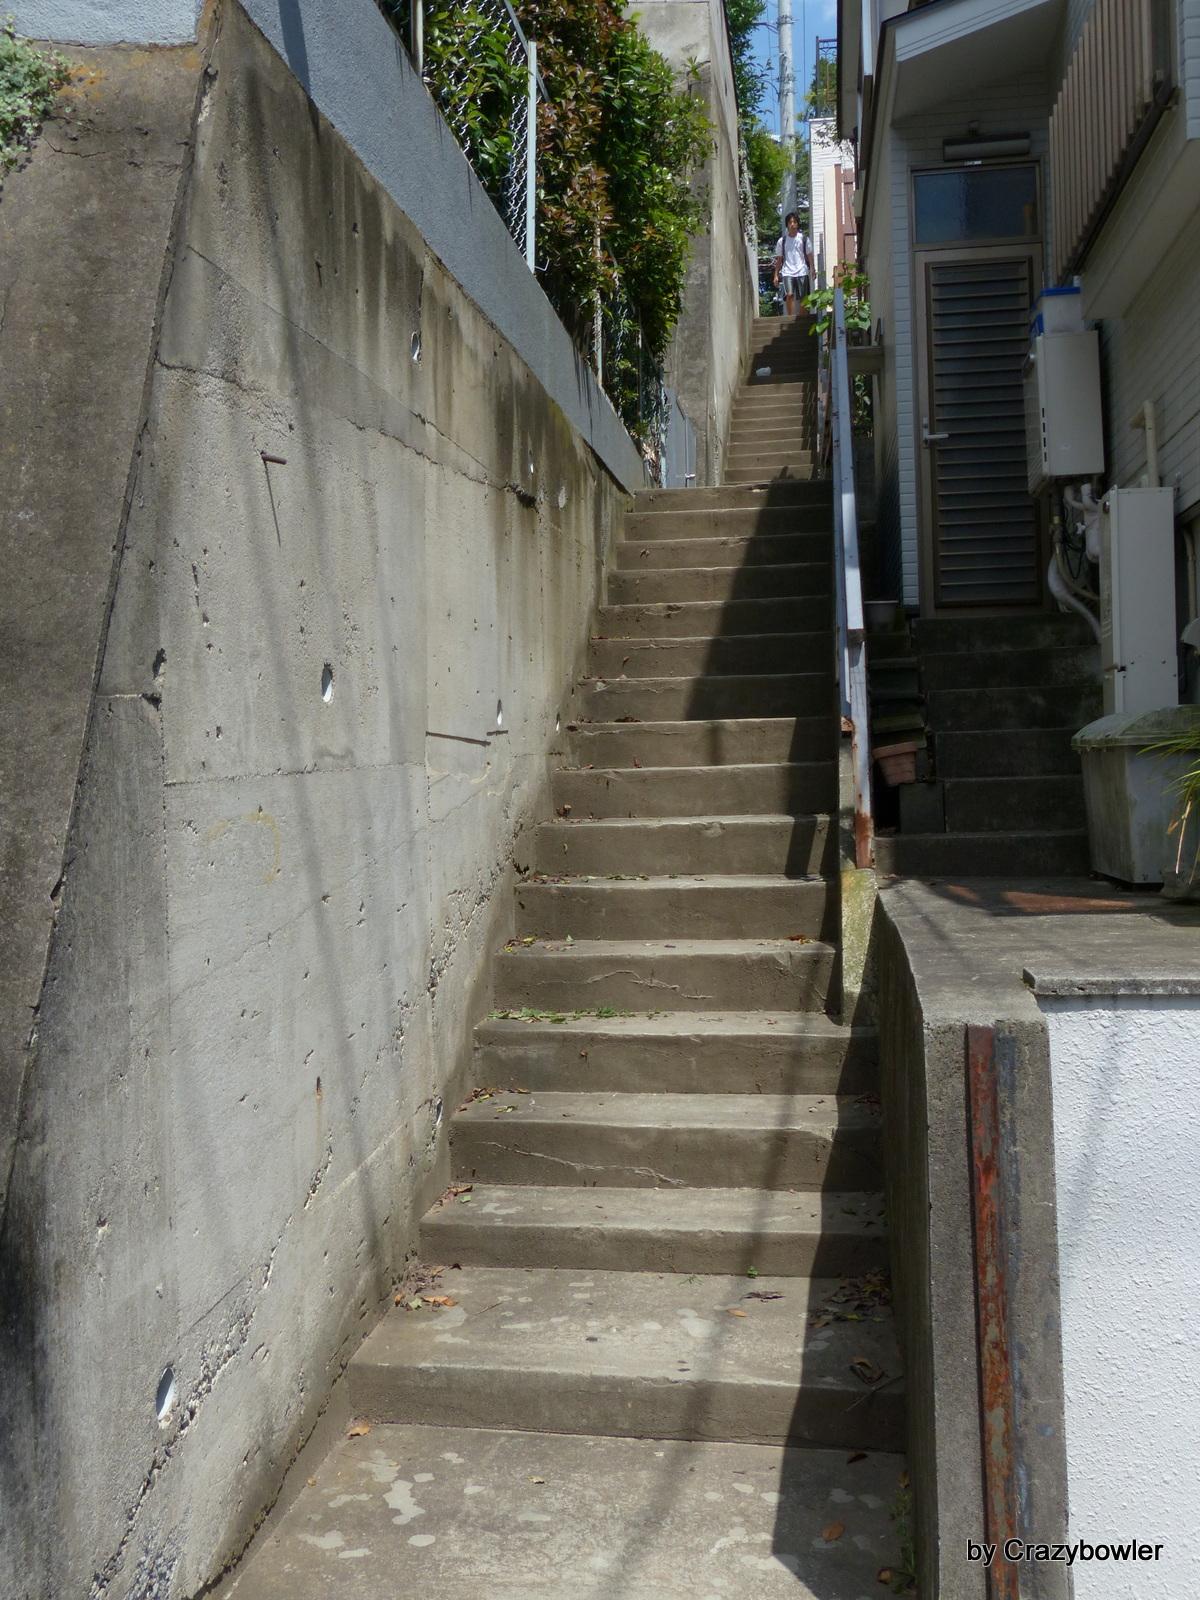 三鷹市大沢1-9の階段